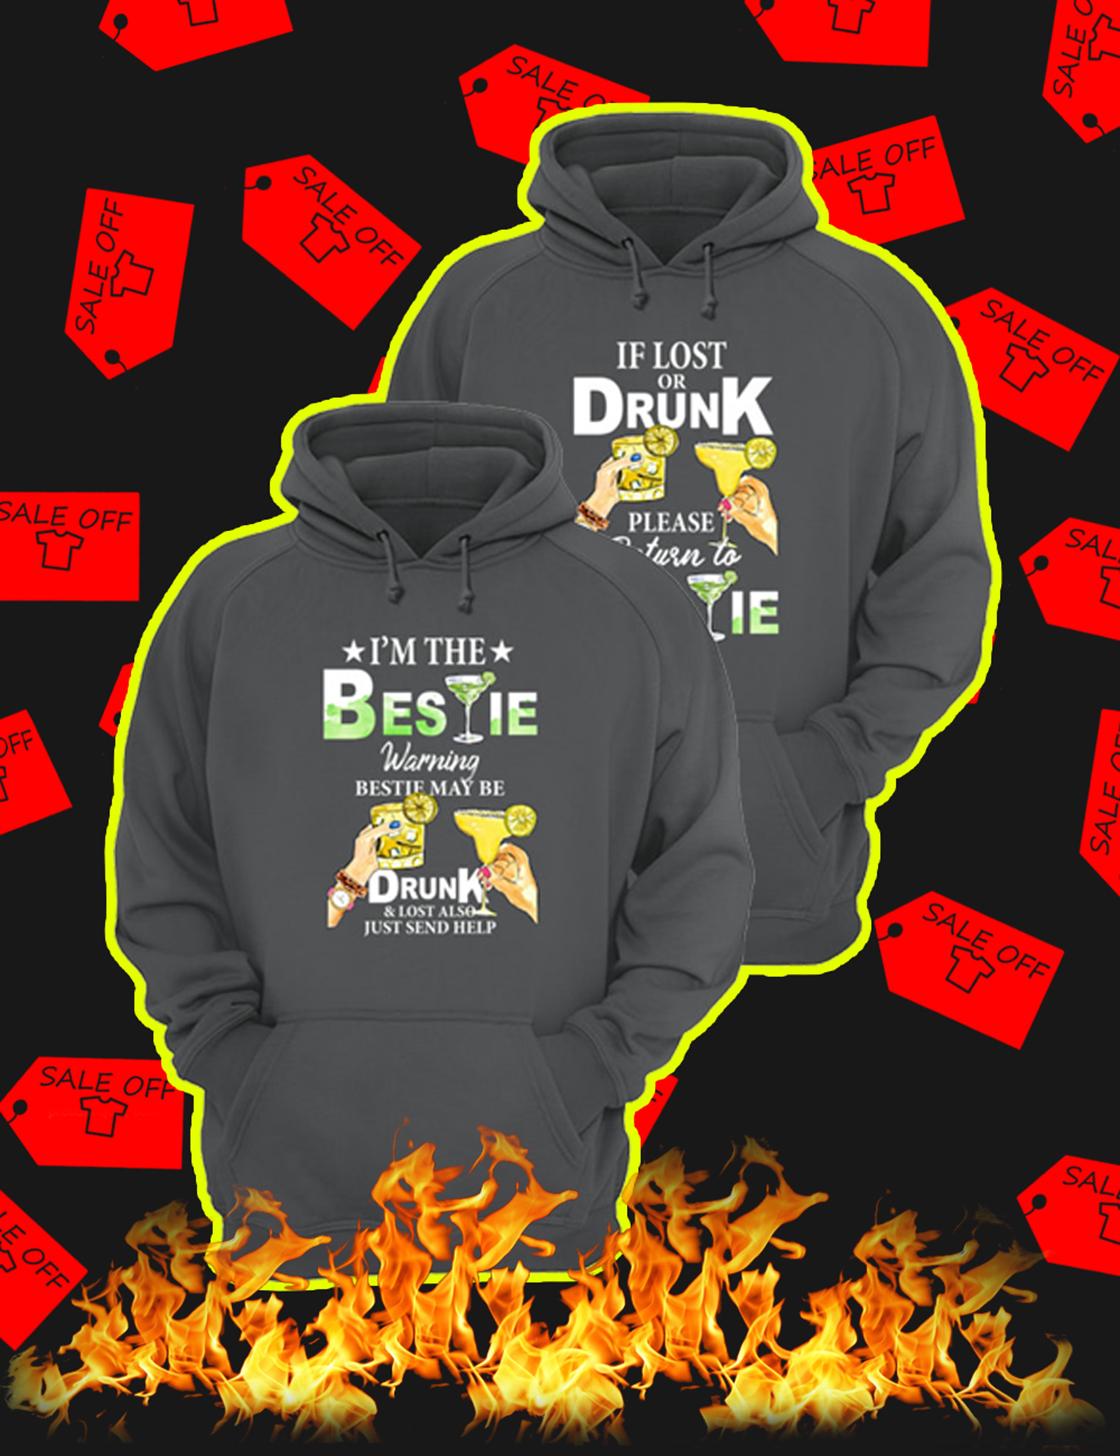 If Lost Or Drunk Please Return To Bestie – I'm The Bestie Warning Bestie May Be Drunk Grey Hoodie